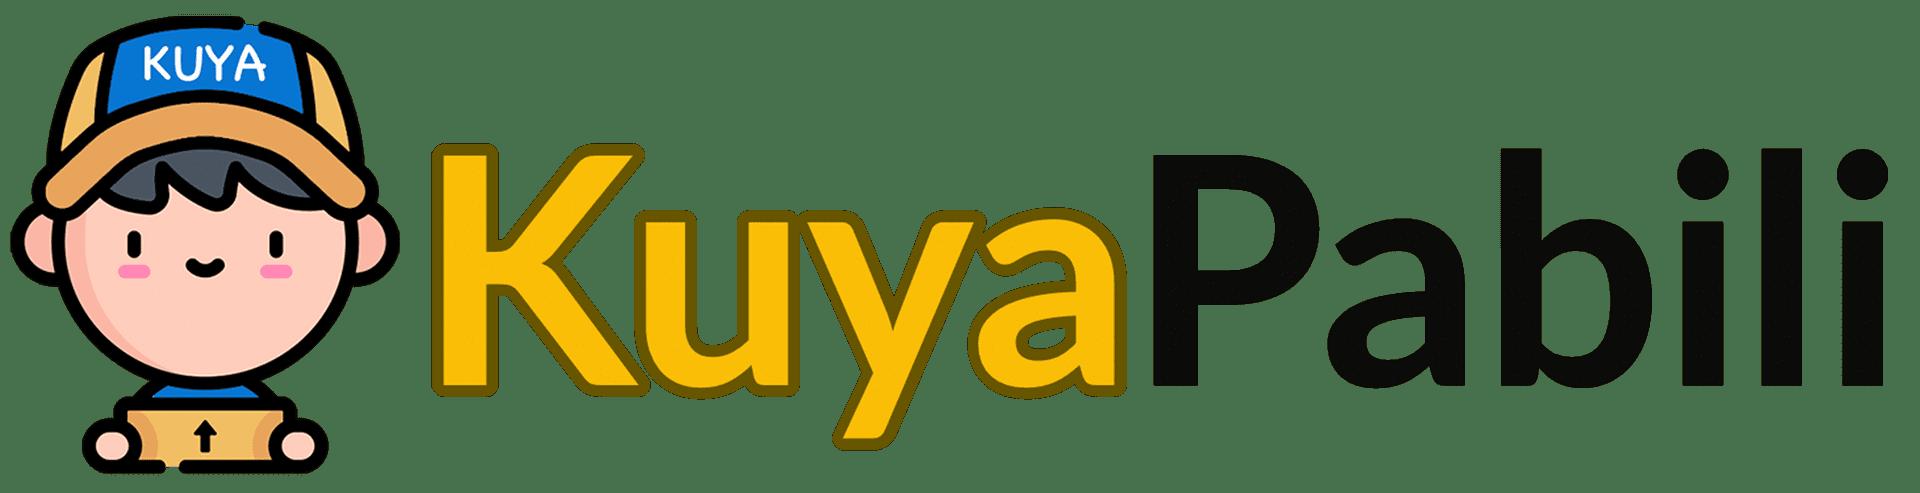 Kuya Pabili logo